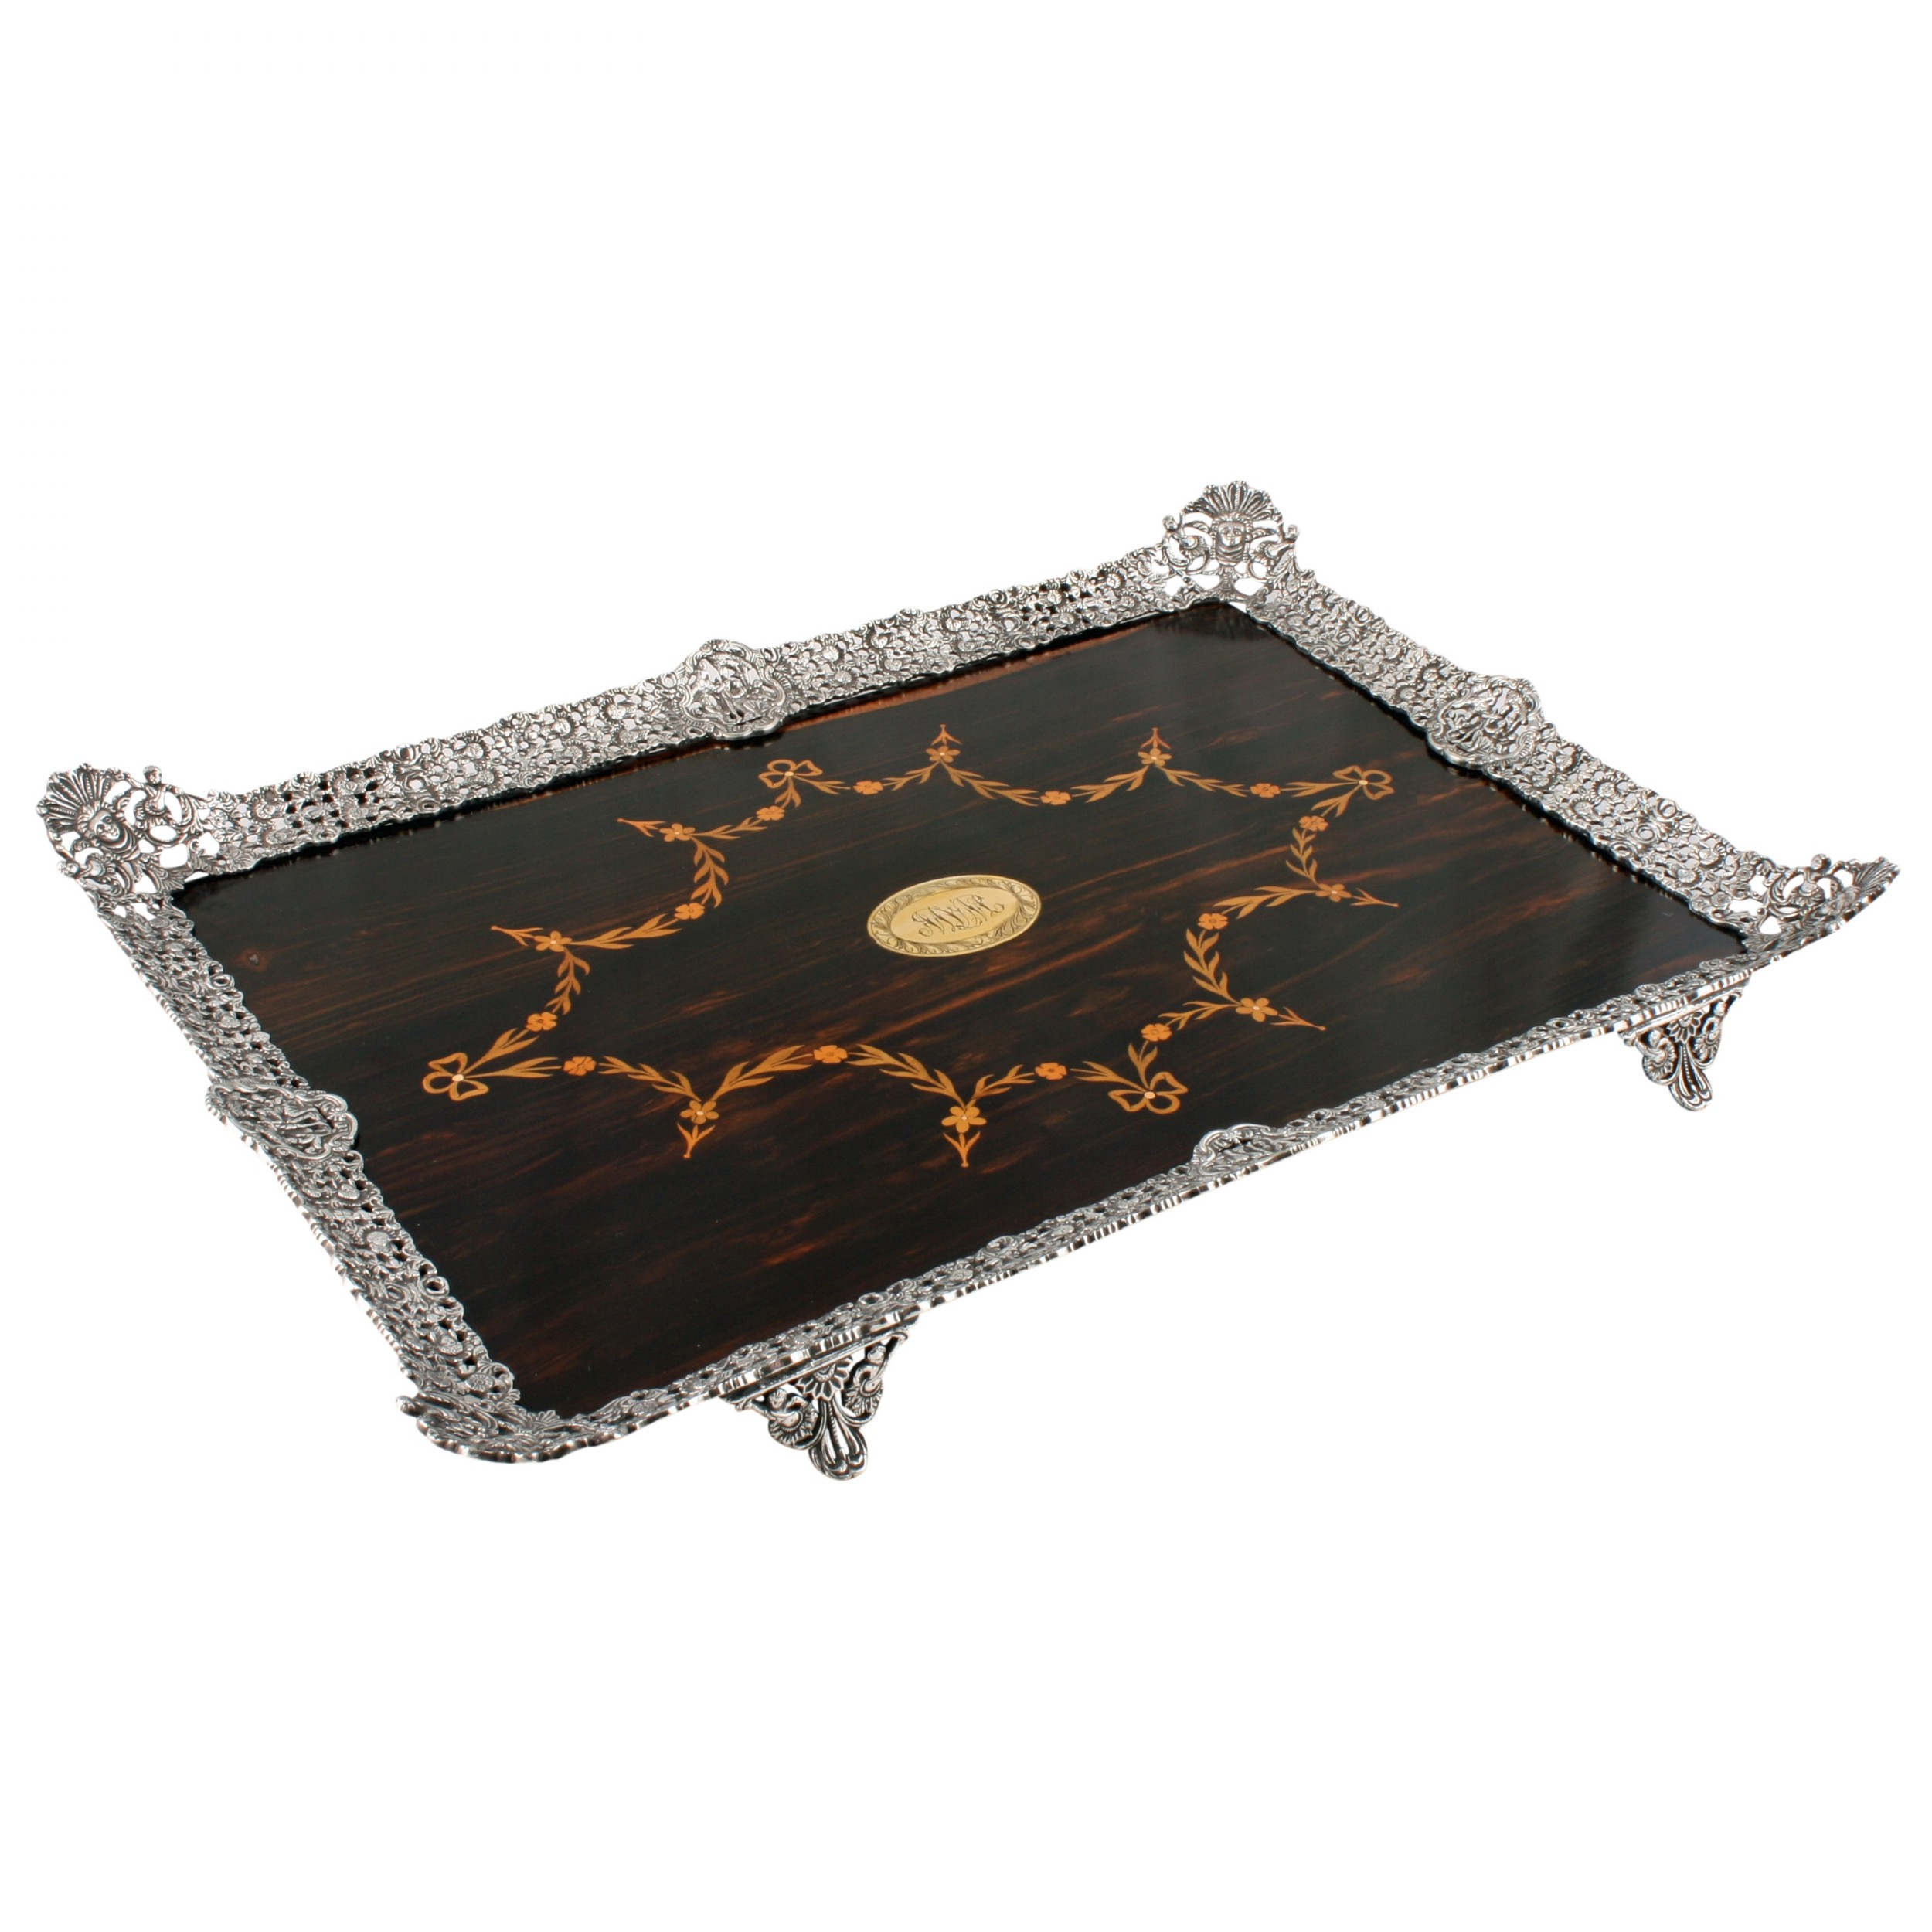 fine coromandel silver plated tray